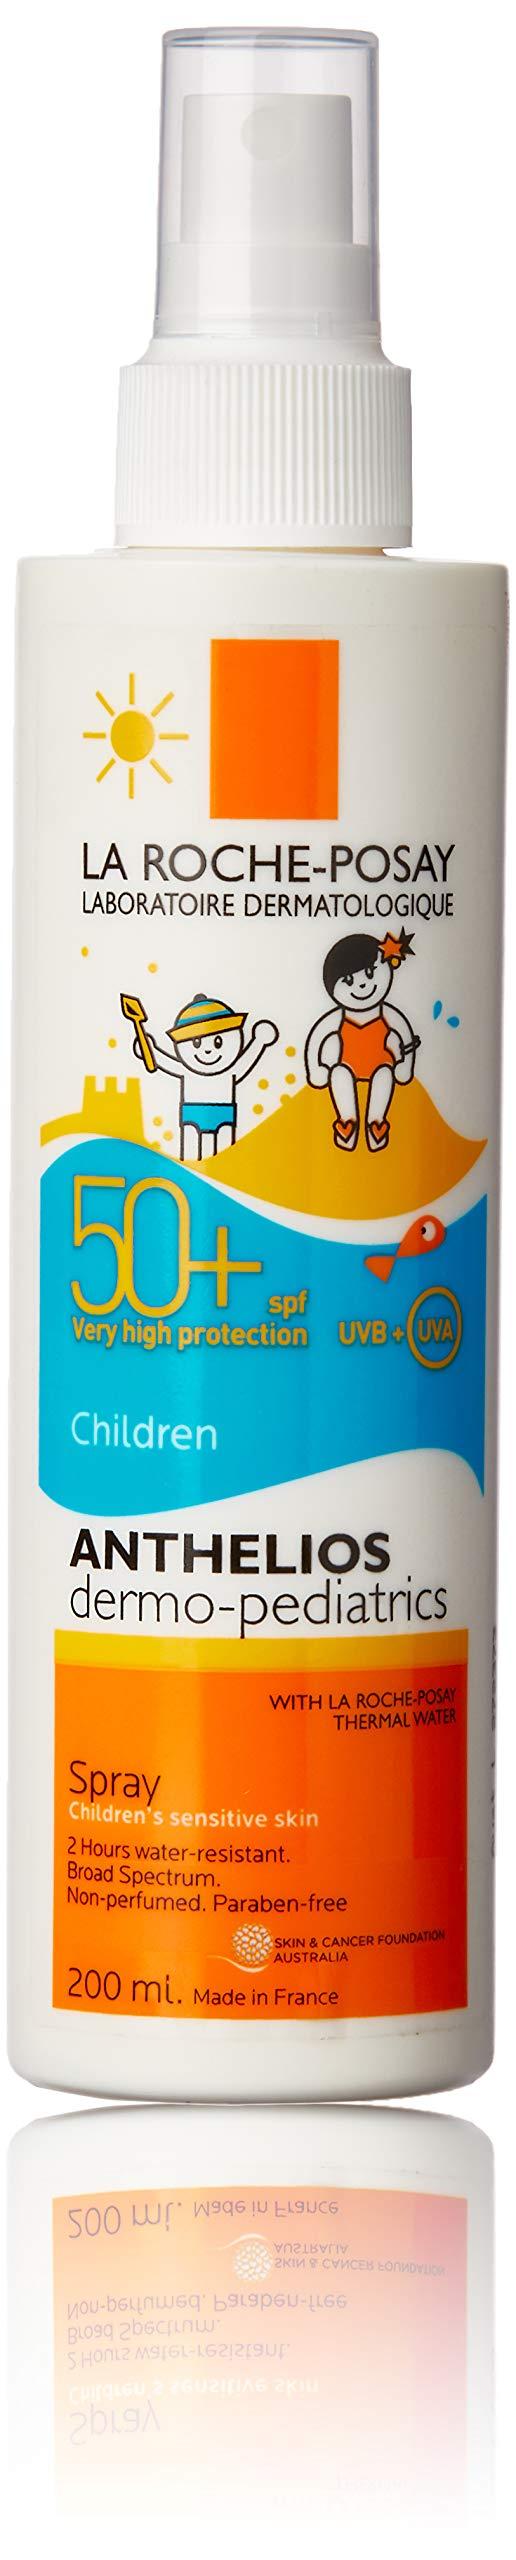 La Roche Posay Anthelios Dermo-Pediatrics Spf 50+ – 200 ml